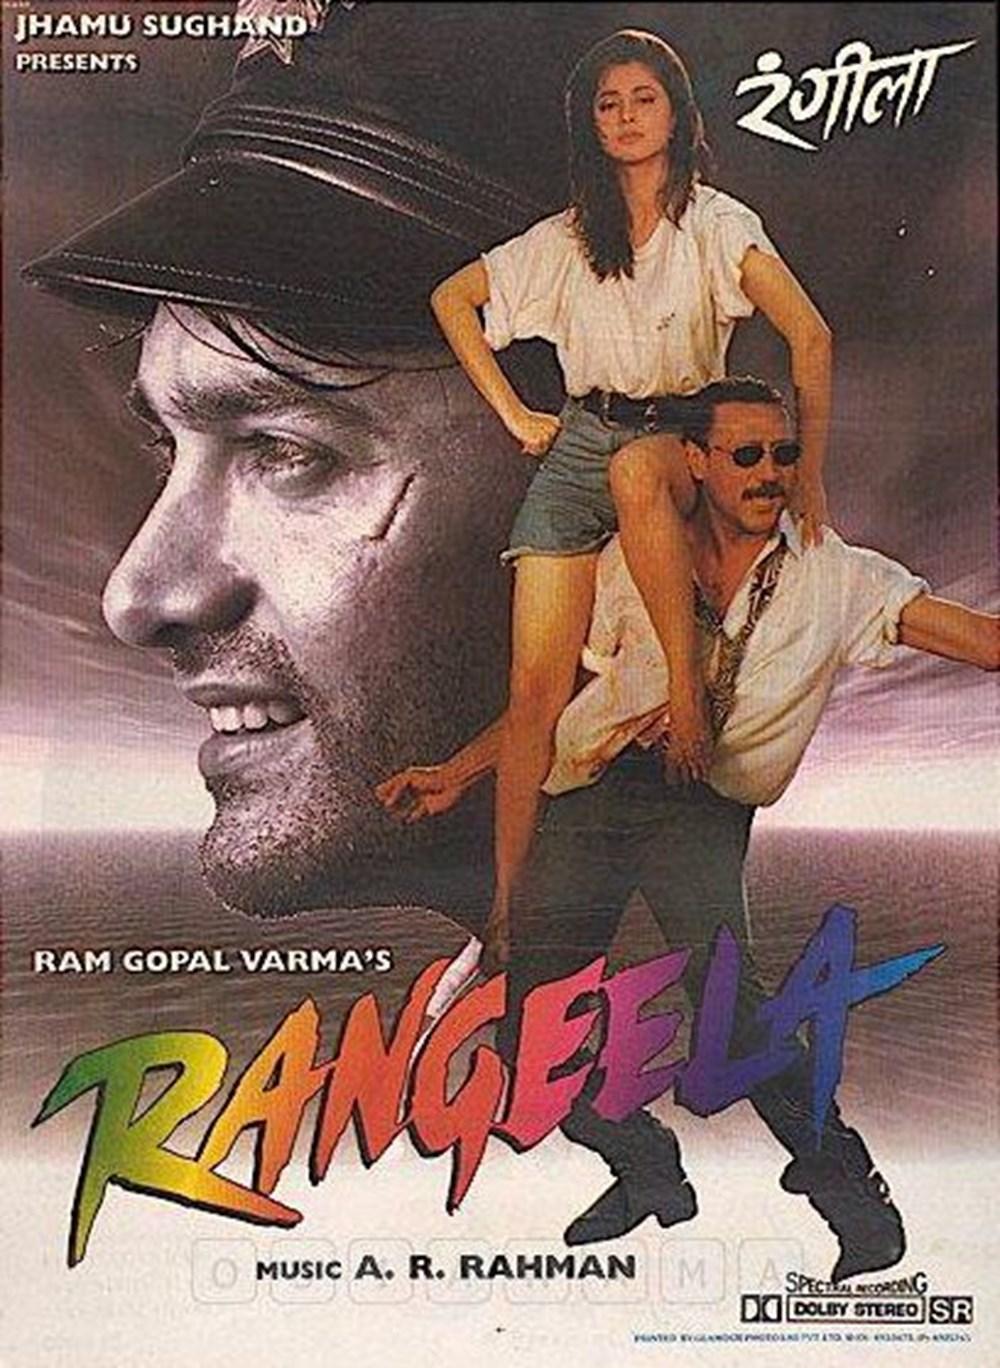 En iyi Aamir Khan filmleri (Aamir Khan'ın izlenmesi gereken filmleri) - 17